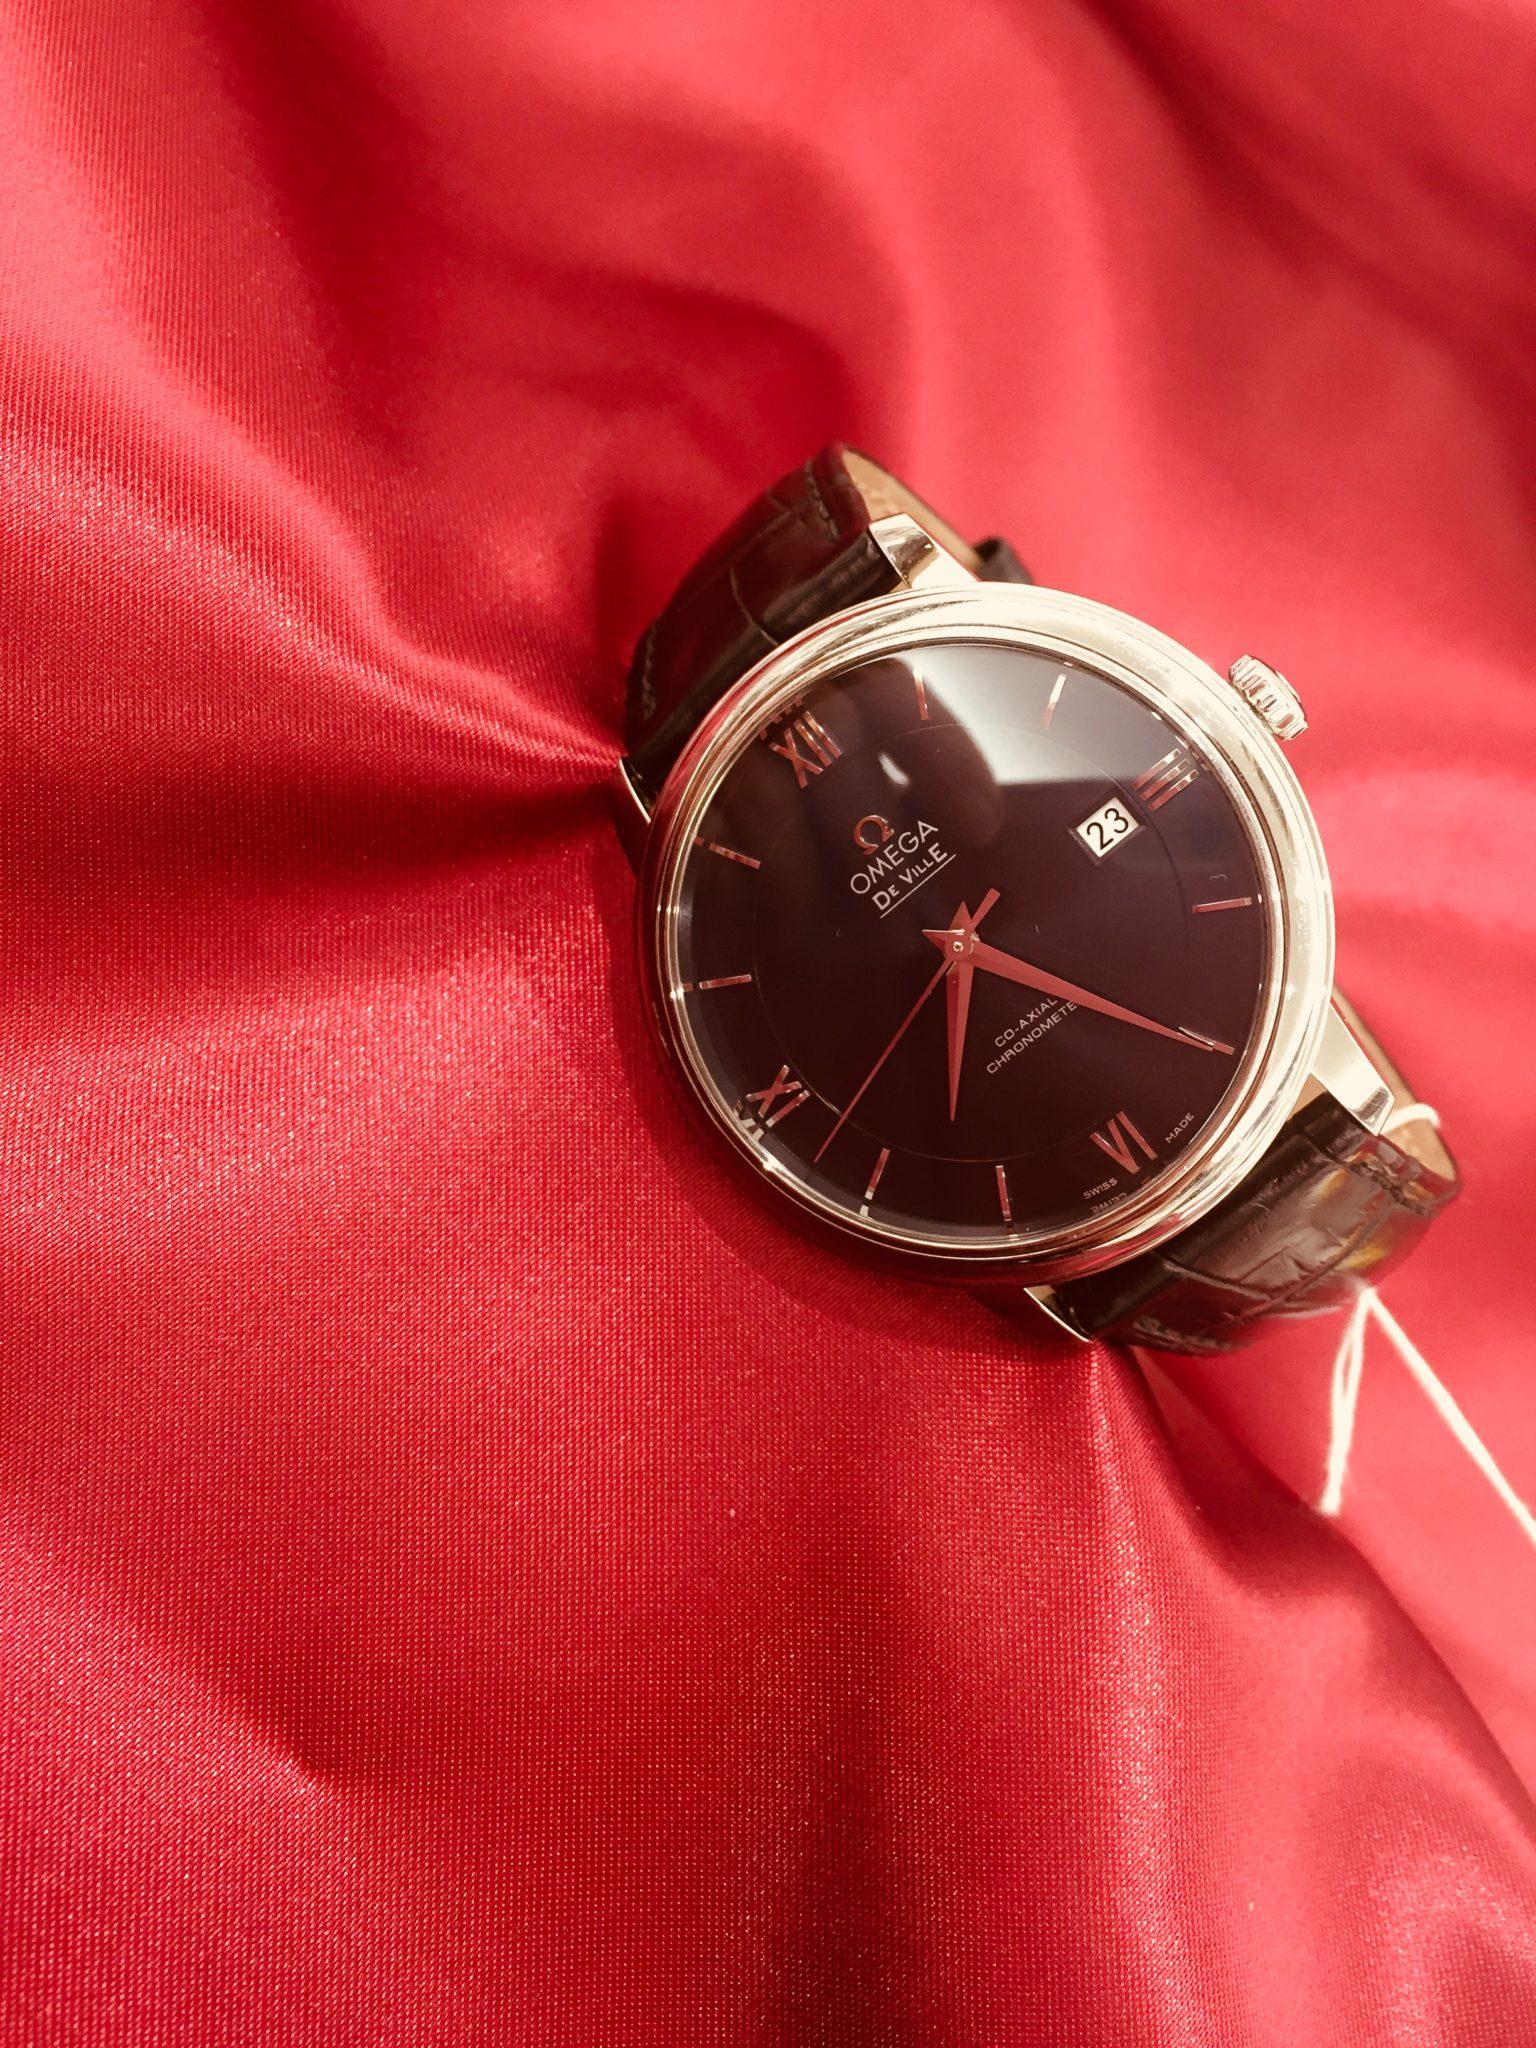 【盛岡 オメガ 販売】OMEGA DE VILLE デビル プレステージ 腕時計